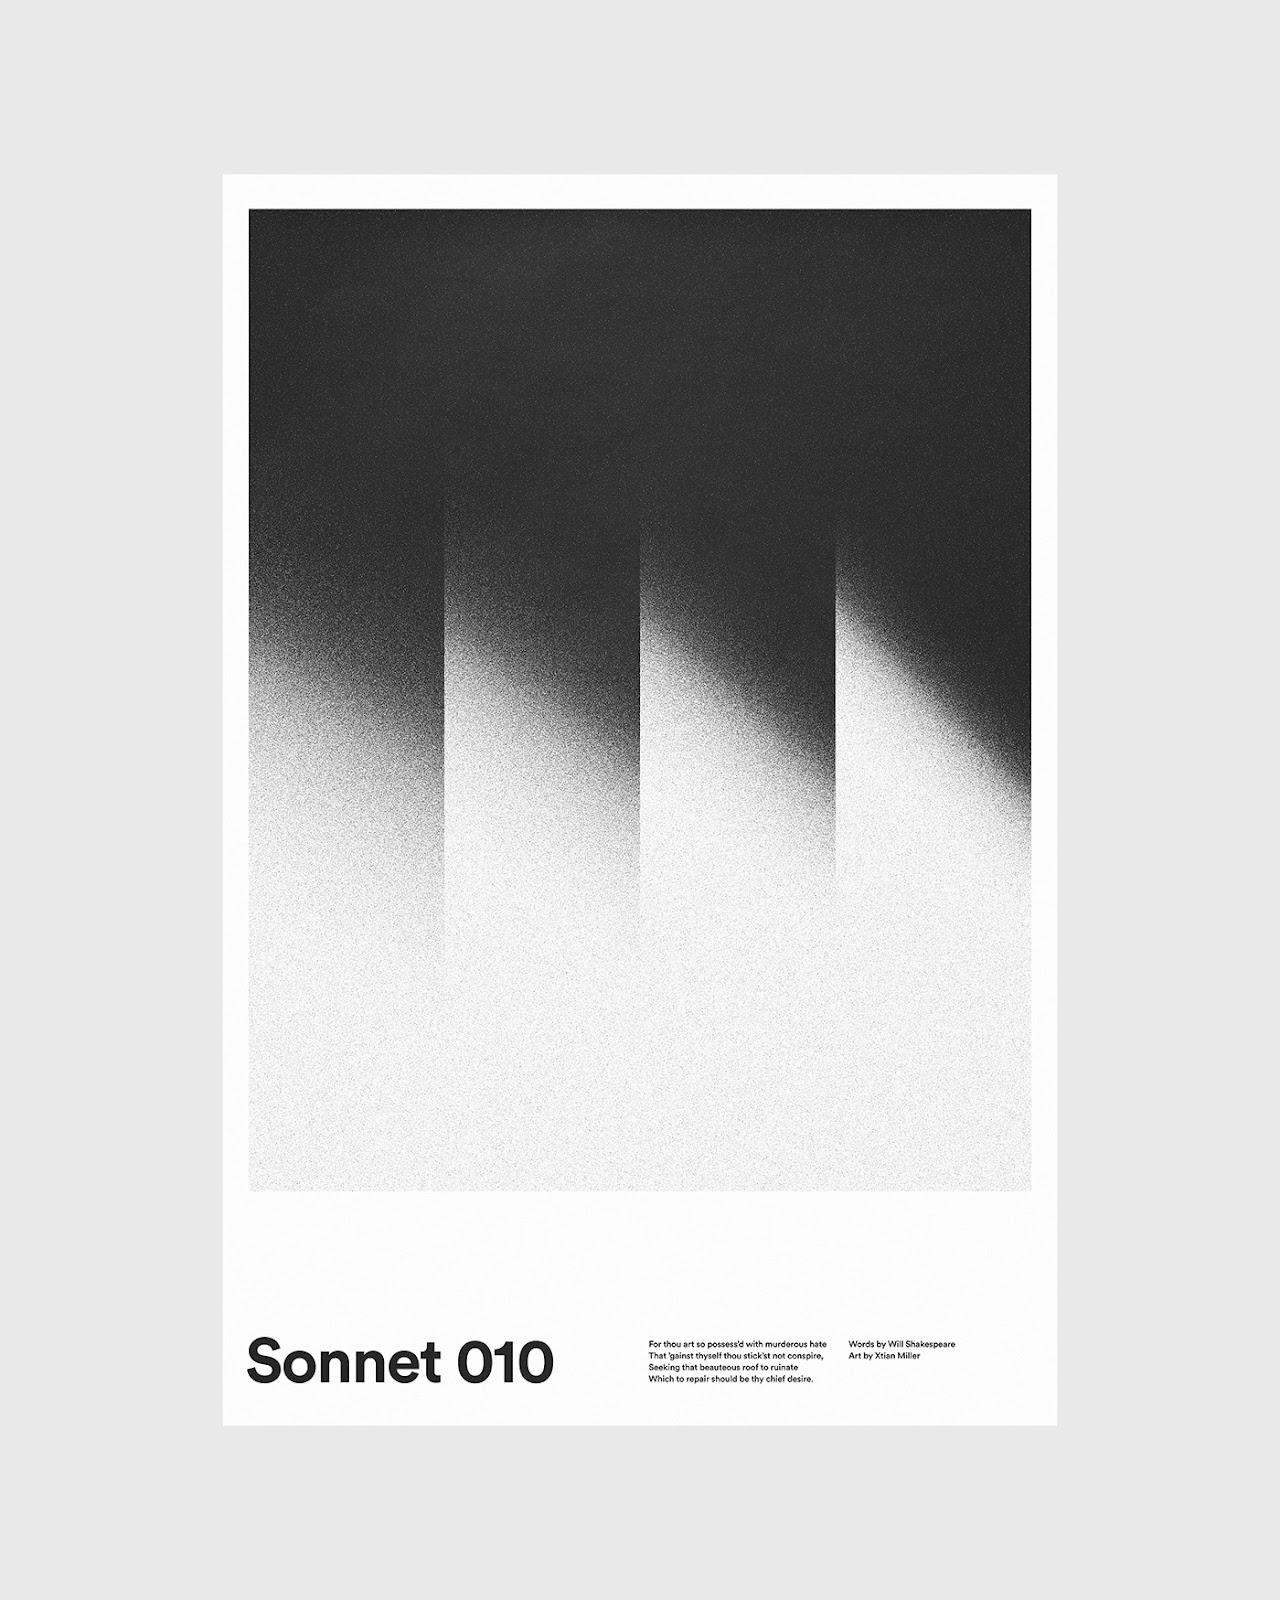 Sonnet 010